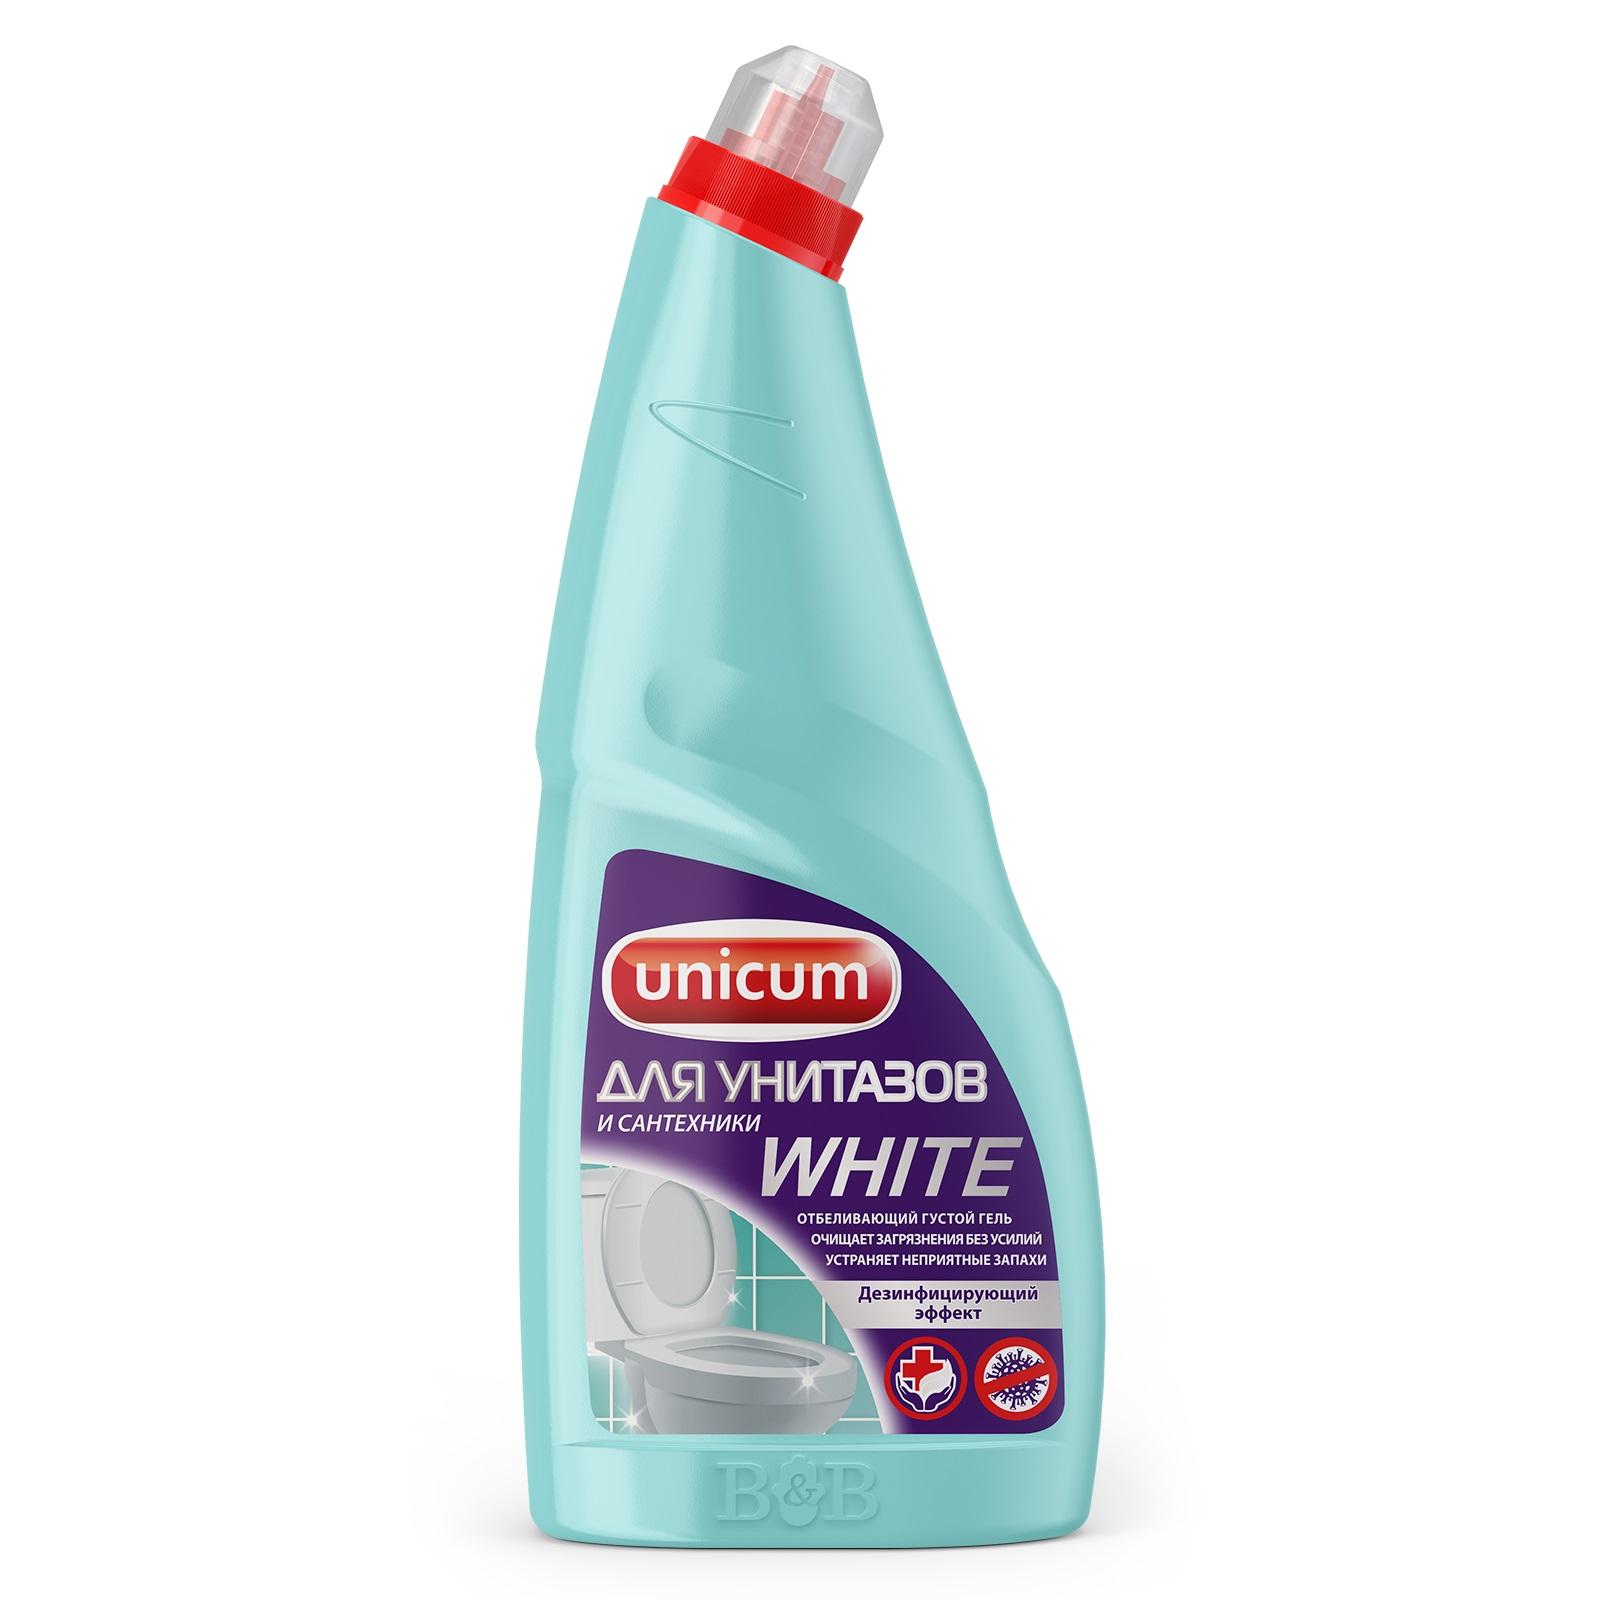 Фото - Гель Unicum для чистки унитазов с гипохлоритом 750 мл гель для чистки унитаза starwax respect 750 мл